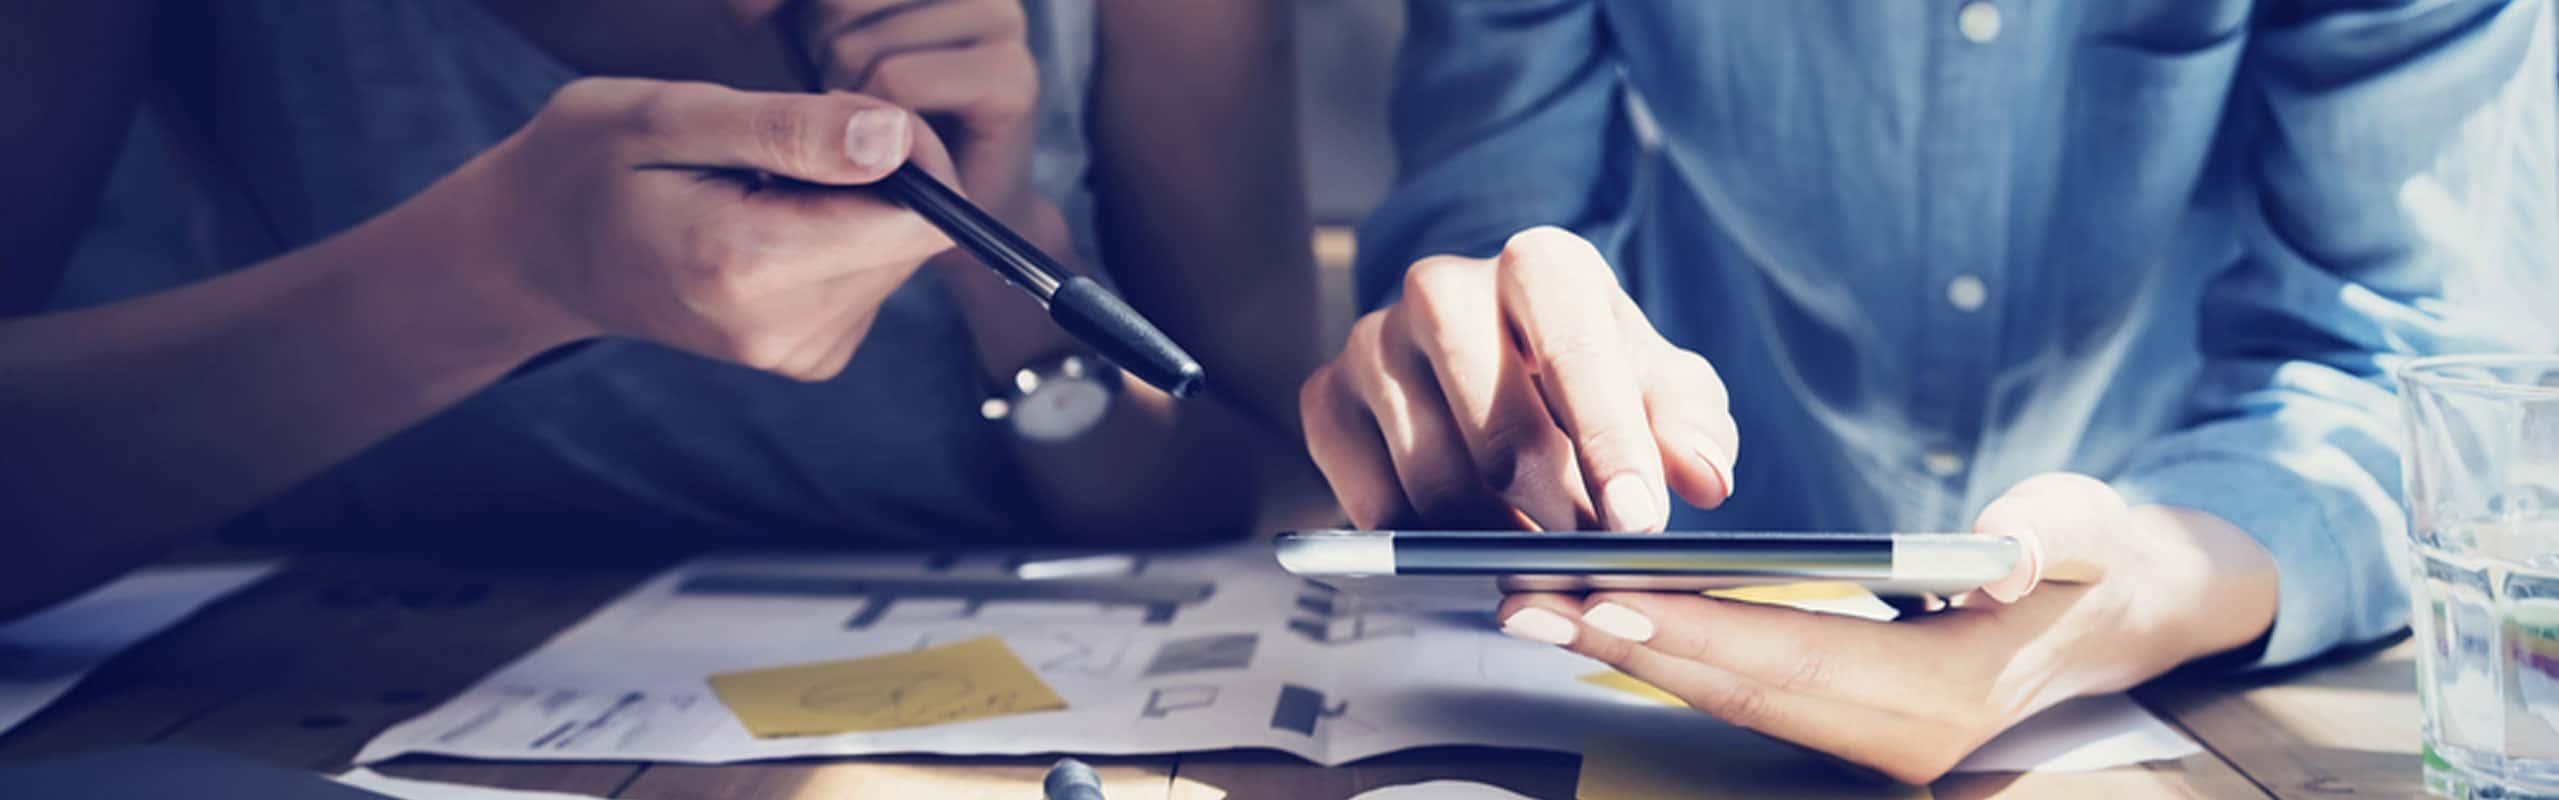 Descubre el marketing social y sus ventajas